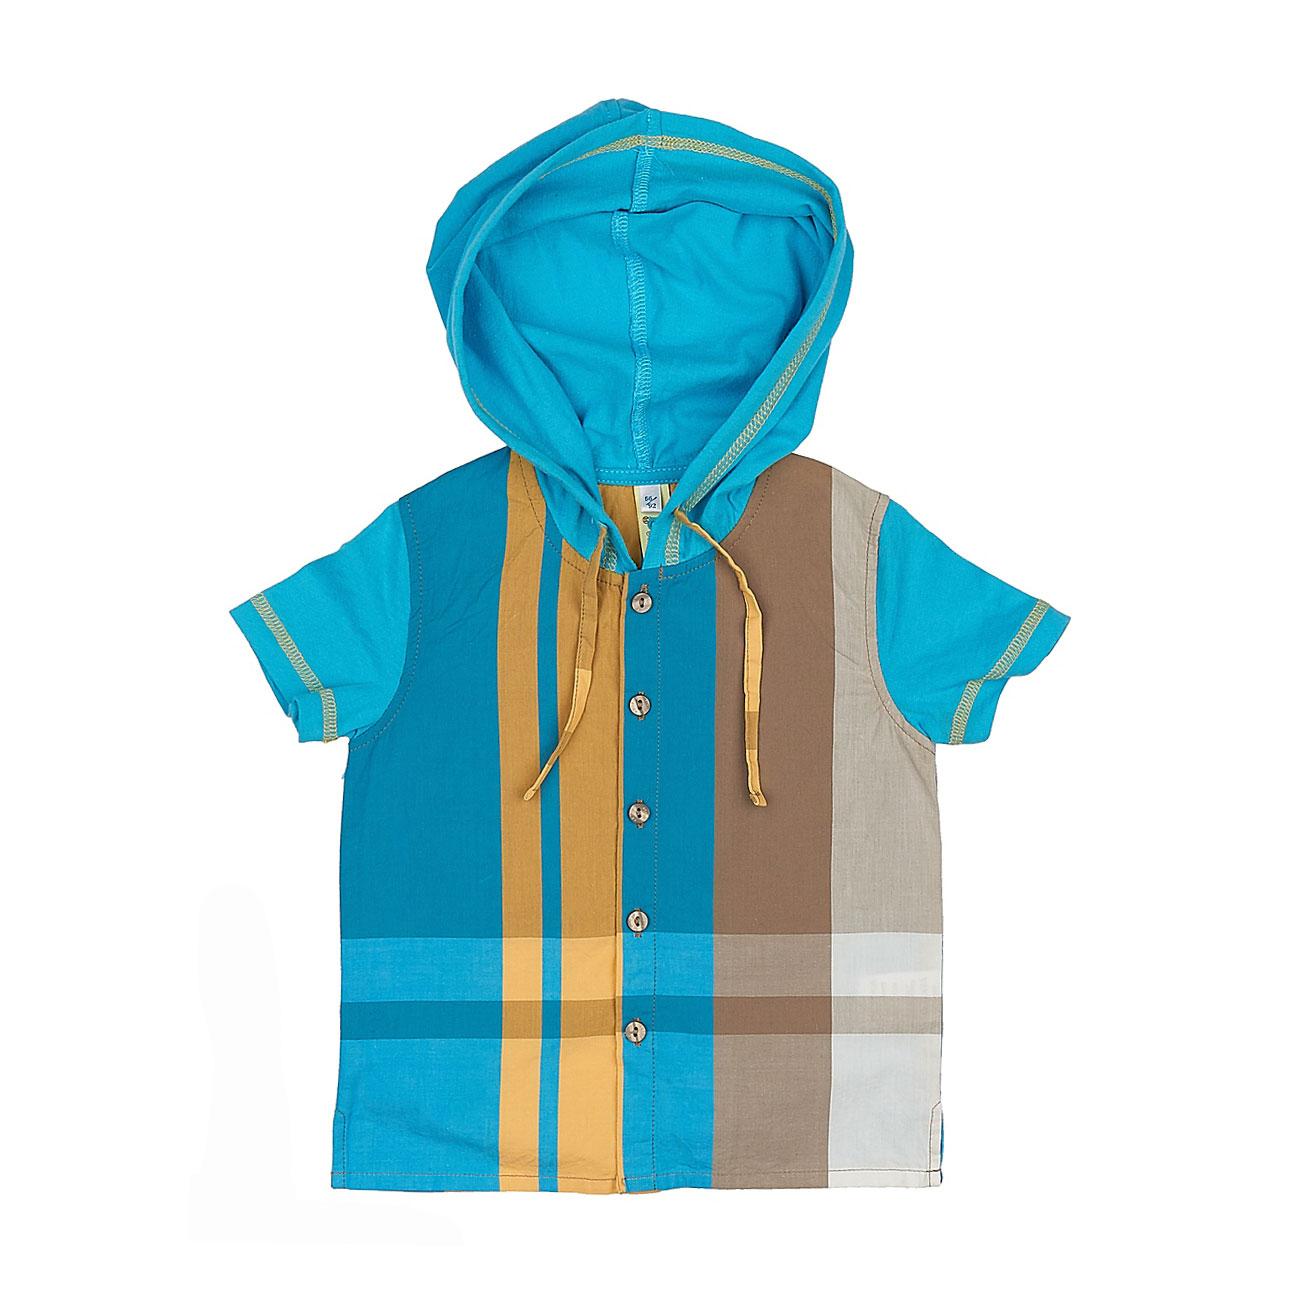 Рубашка с капюшоном Венейя (4020) рост 86 голубой<br>